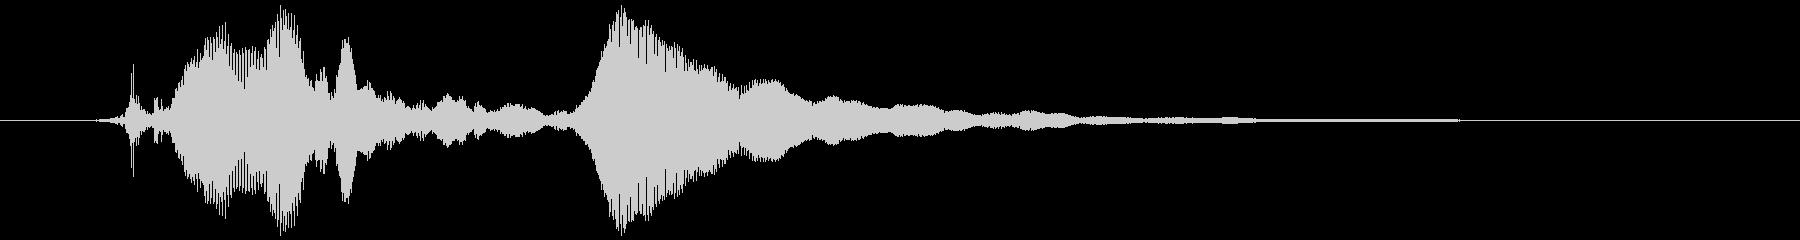 蛇口を捻る 高い音(キリッッ)の未再生の波形